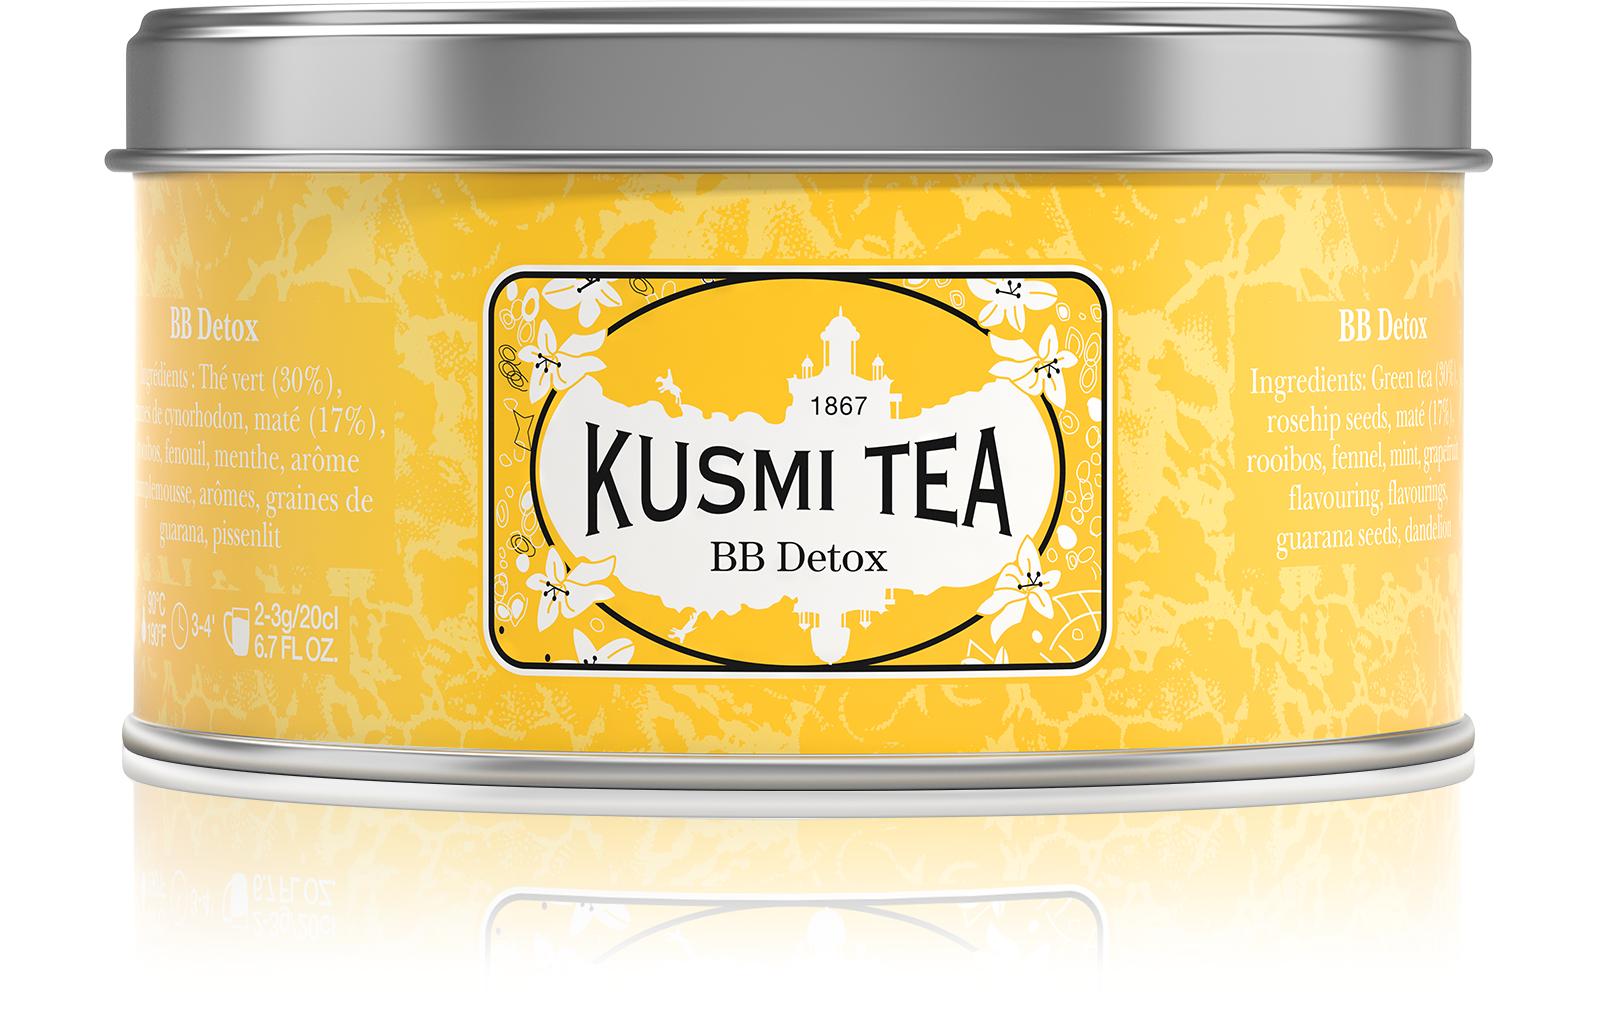 KUSMI TEA BB Detox Thé vert et Maté  Kusmi Tea